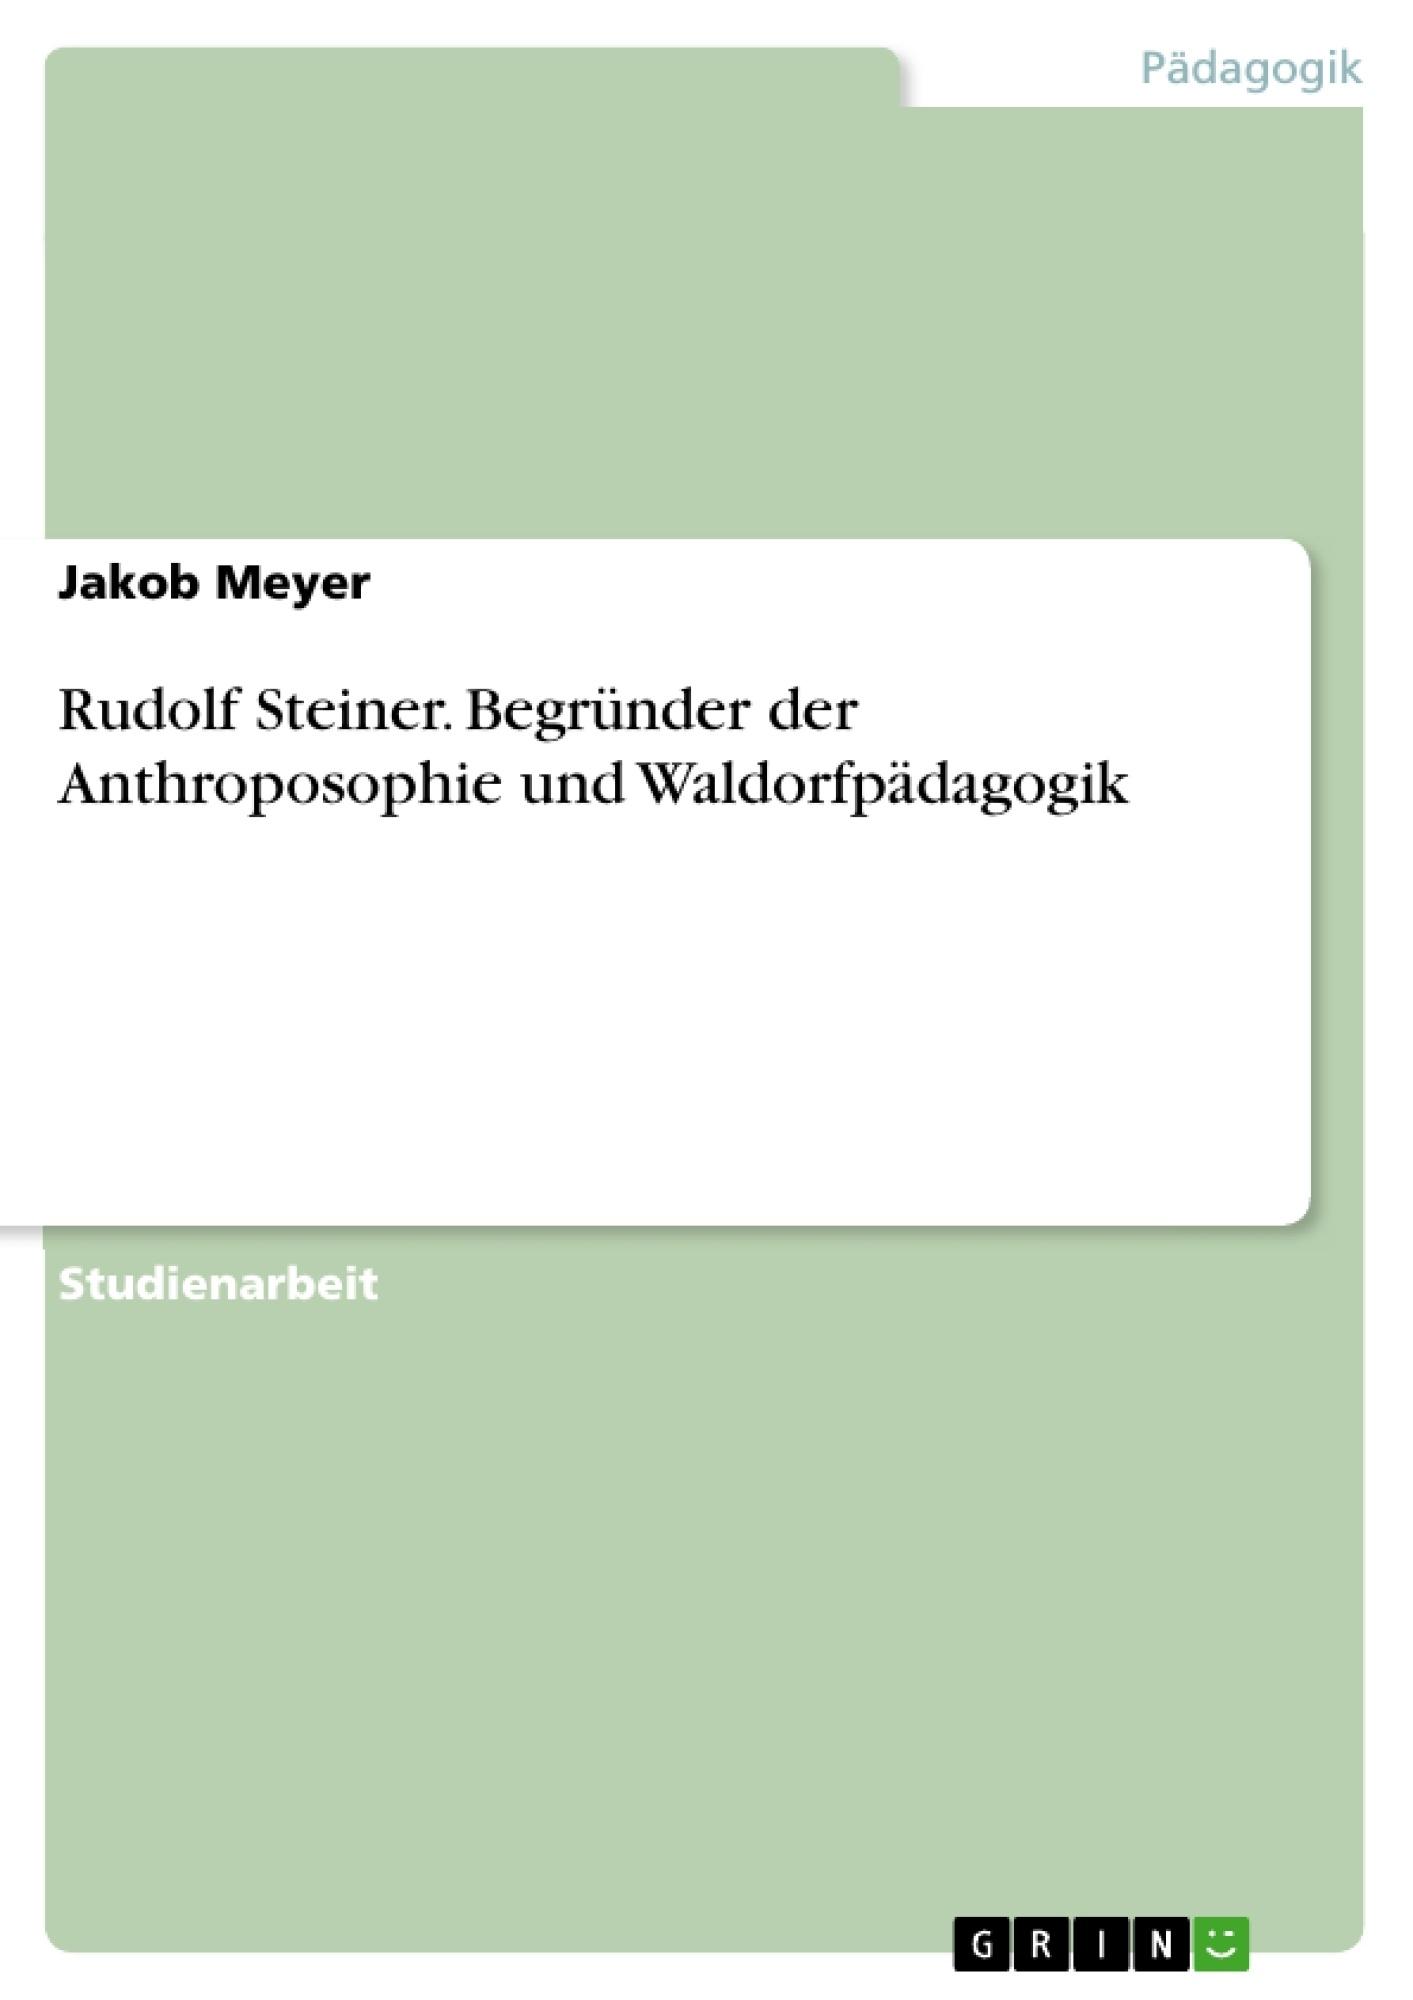 Titel: Rudolf Steiner. Begründer der Anthroposophie und Waldorfpädagogik